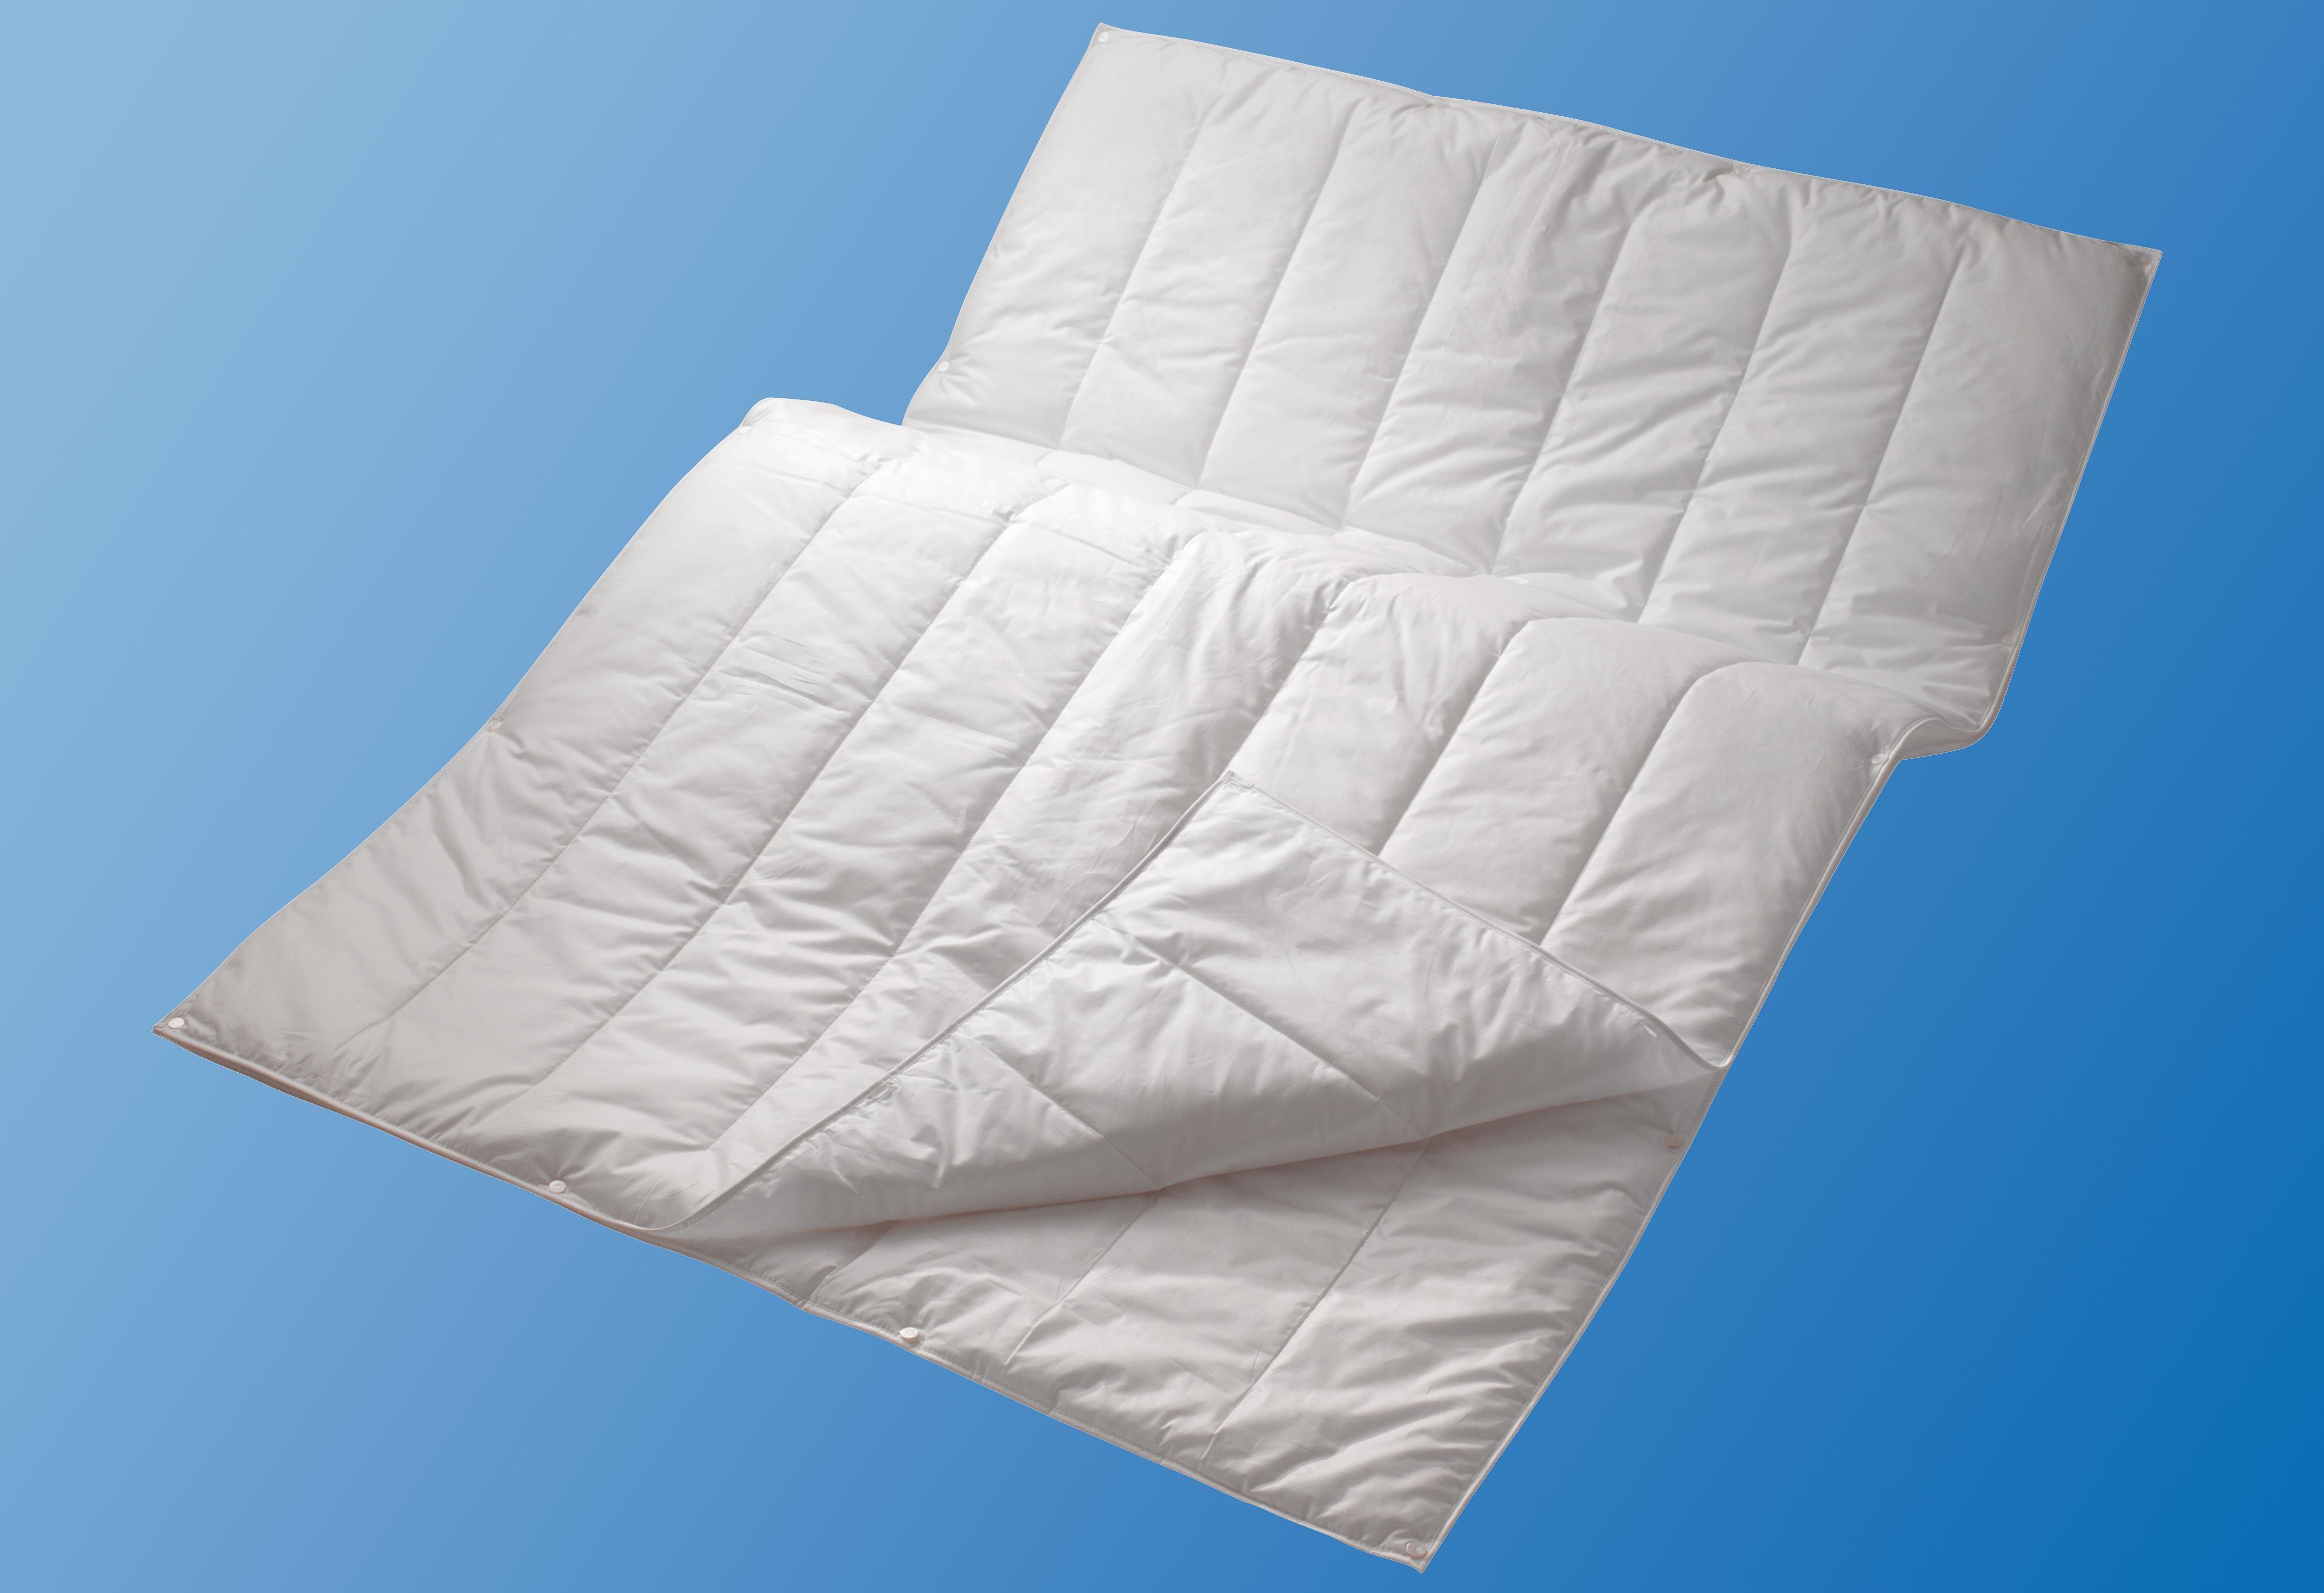 Microfaserbettdecke, »Sport Line«, Centa-Star, 4-Jahreszeiten, Füllung: 3-M-Thinsulate-Microfaser (100% Polyester), Bezug: 100% Baumwolle, (1-tlg)